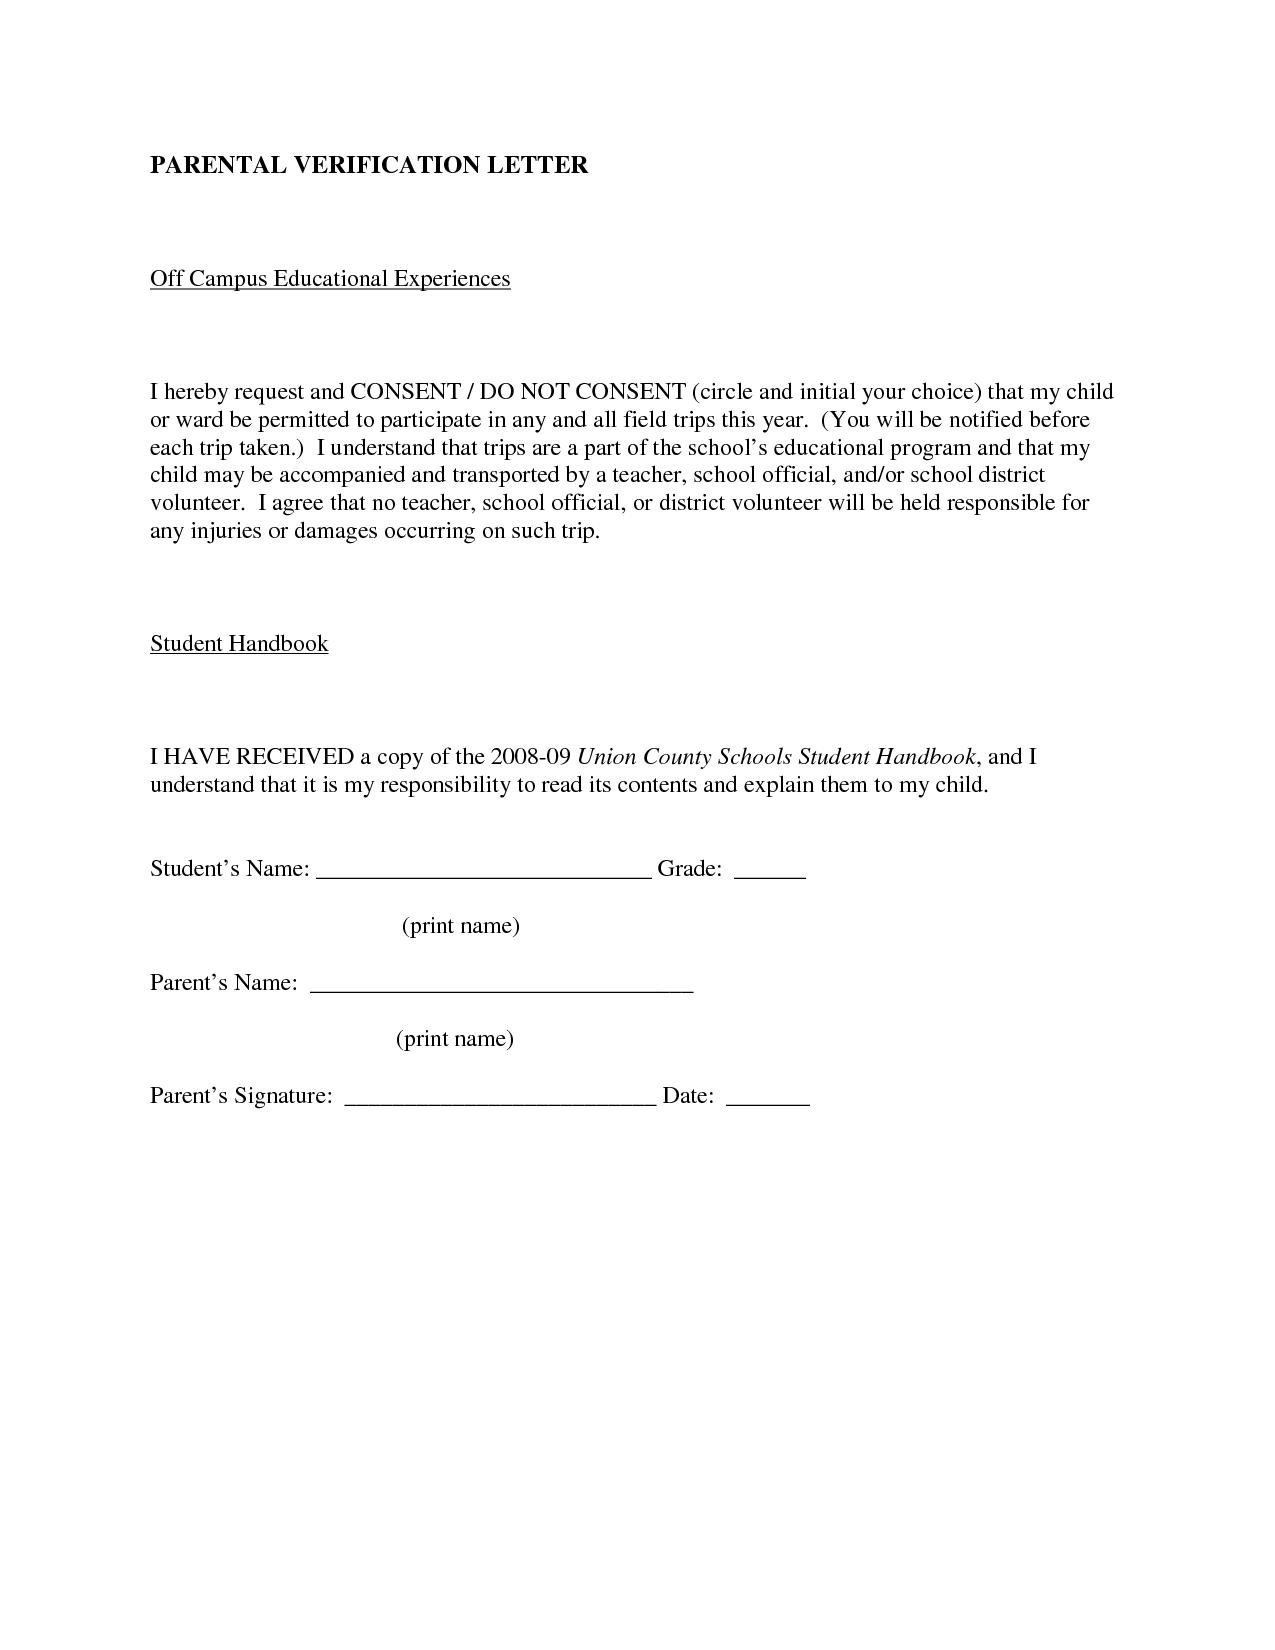 Job Application Letter Volunteer